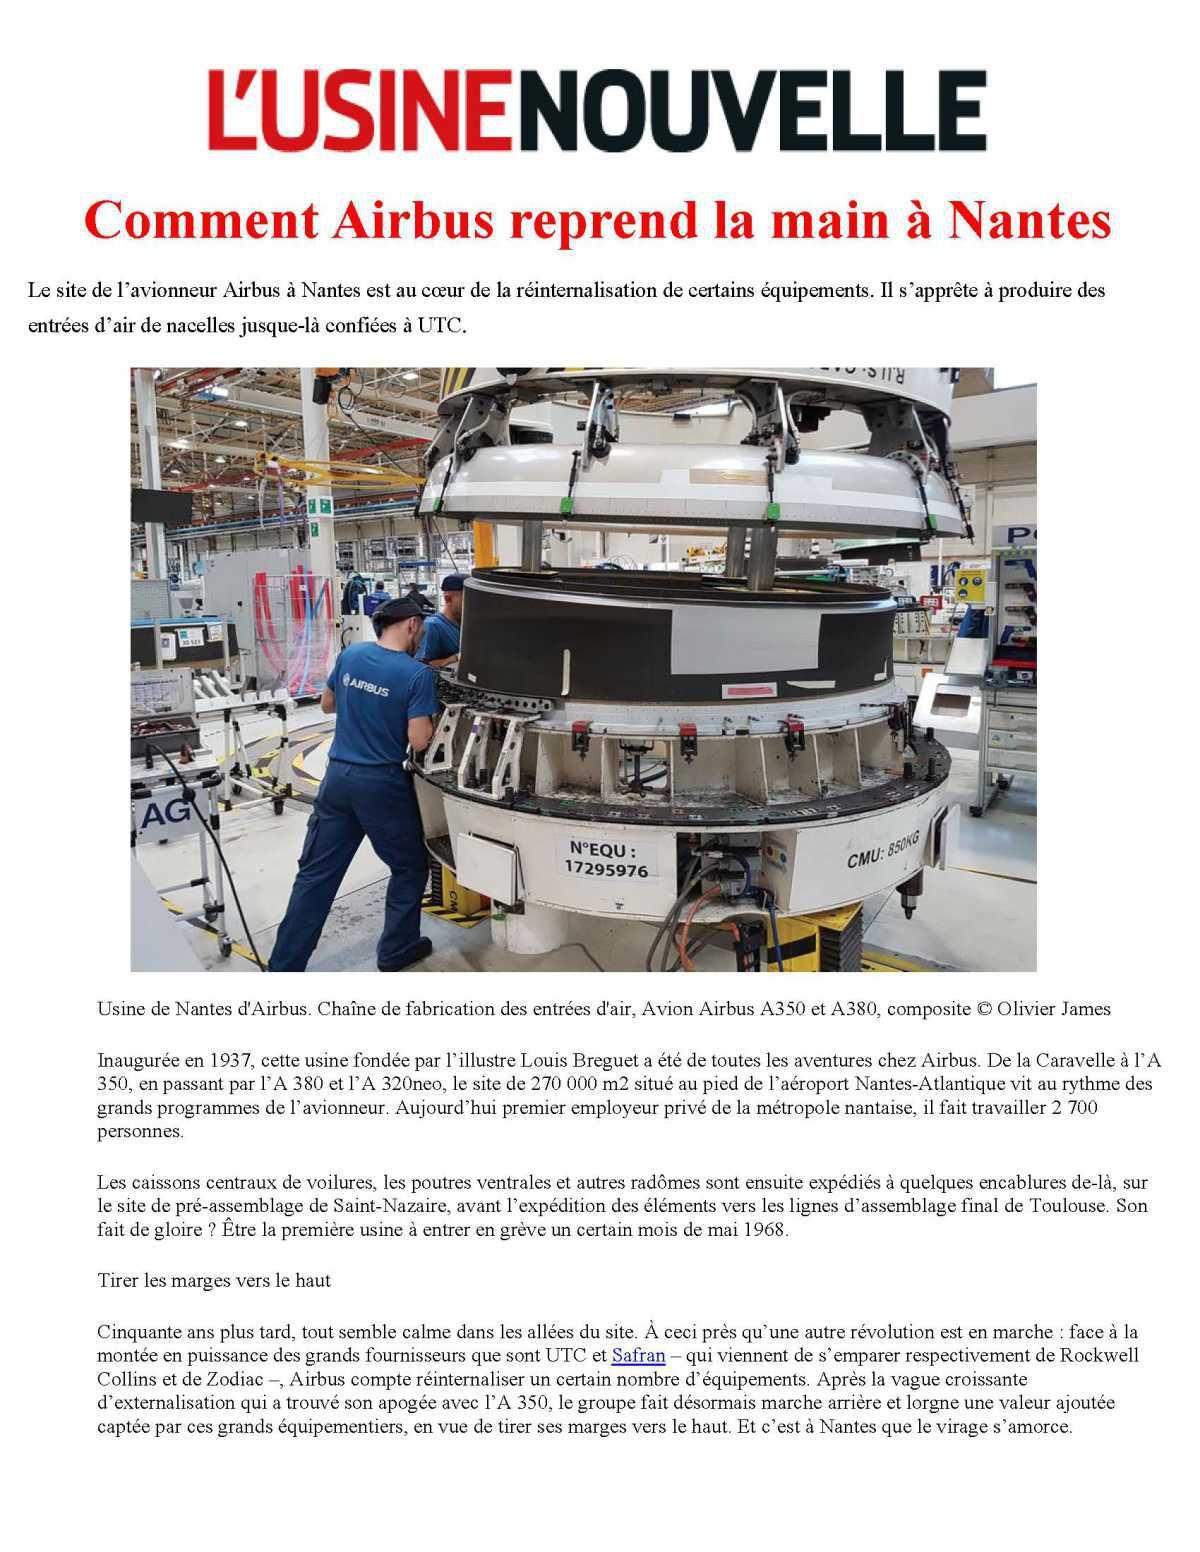 L'USINENOUVELLE : Comment Airbus reprend la main à Nantes